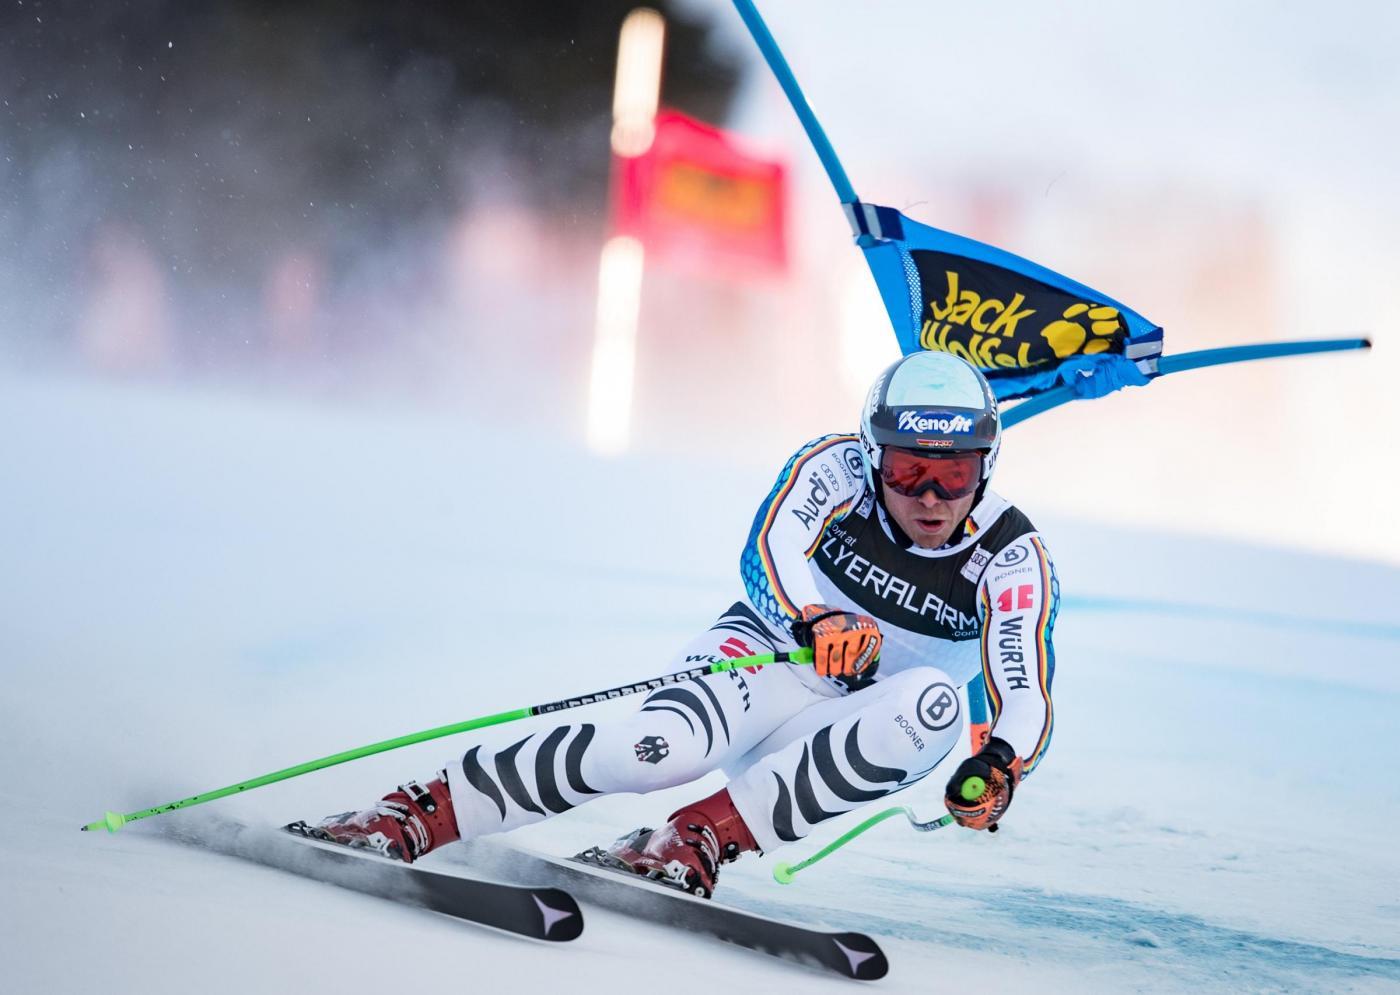 Sci, Paris sul podio del SuperG